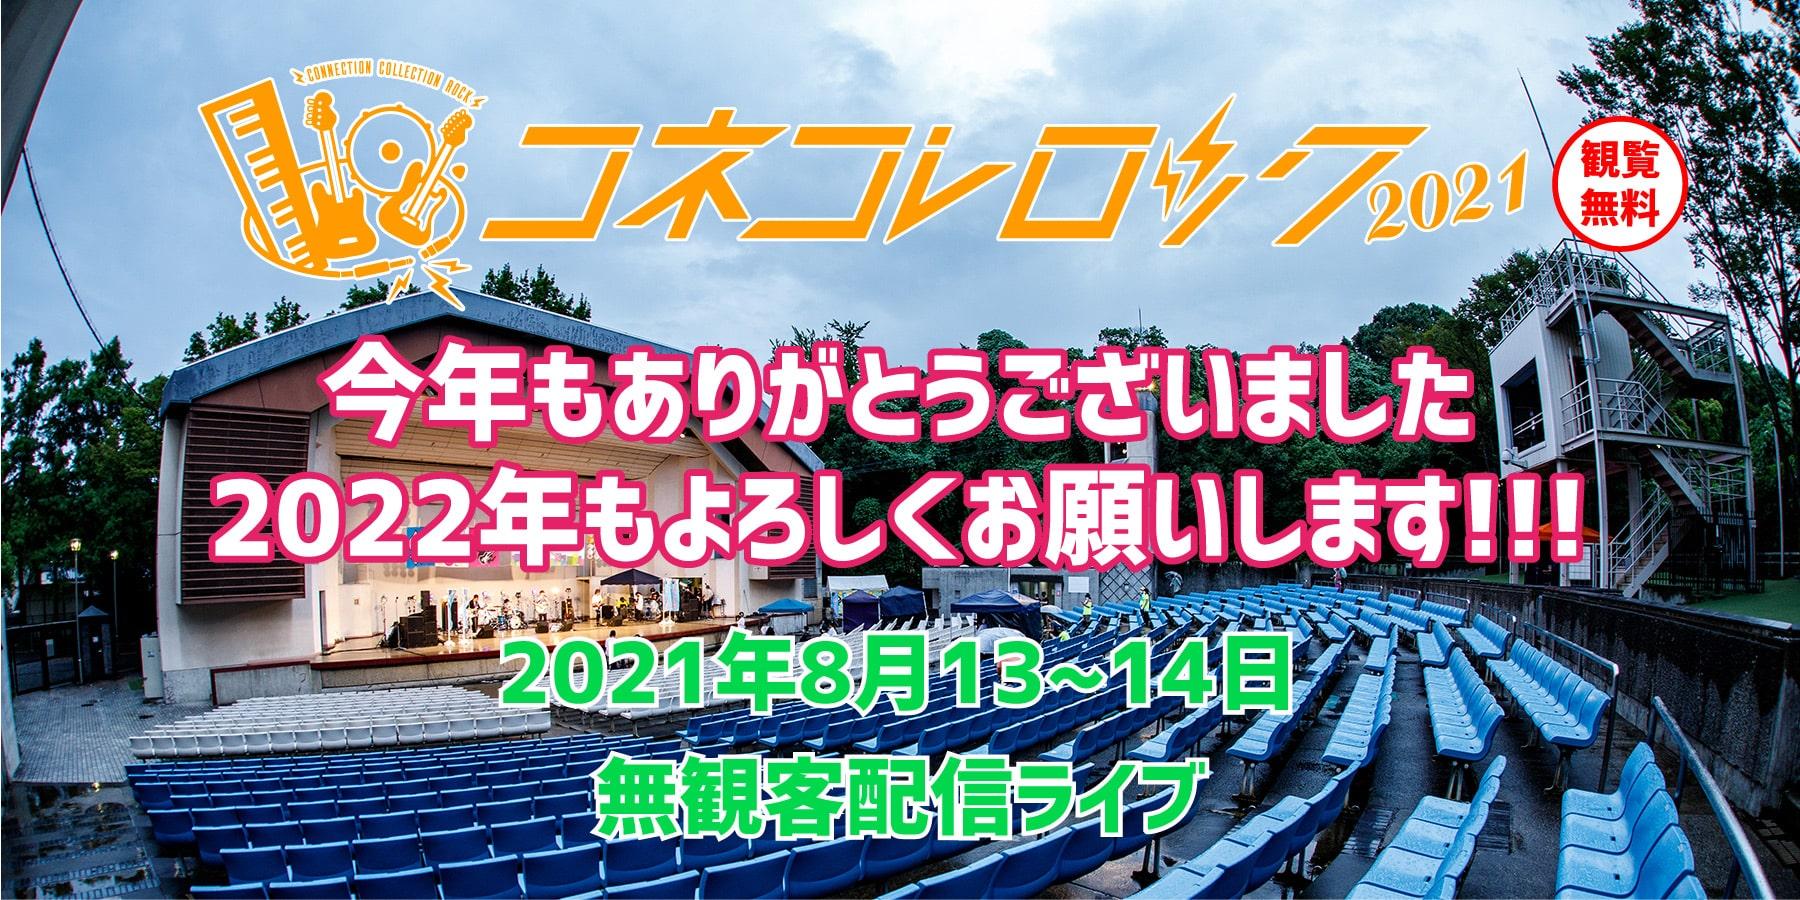 コネコレロック2021 2021年8月13日〜14日無観客配信ライブ 観覧無料